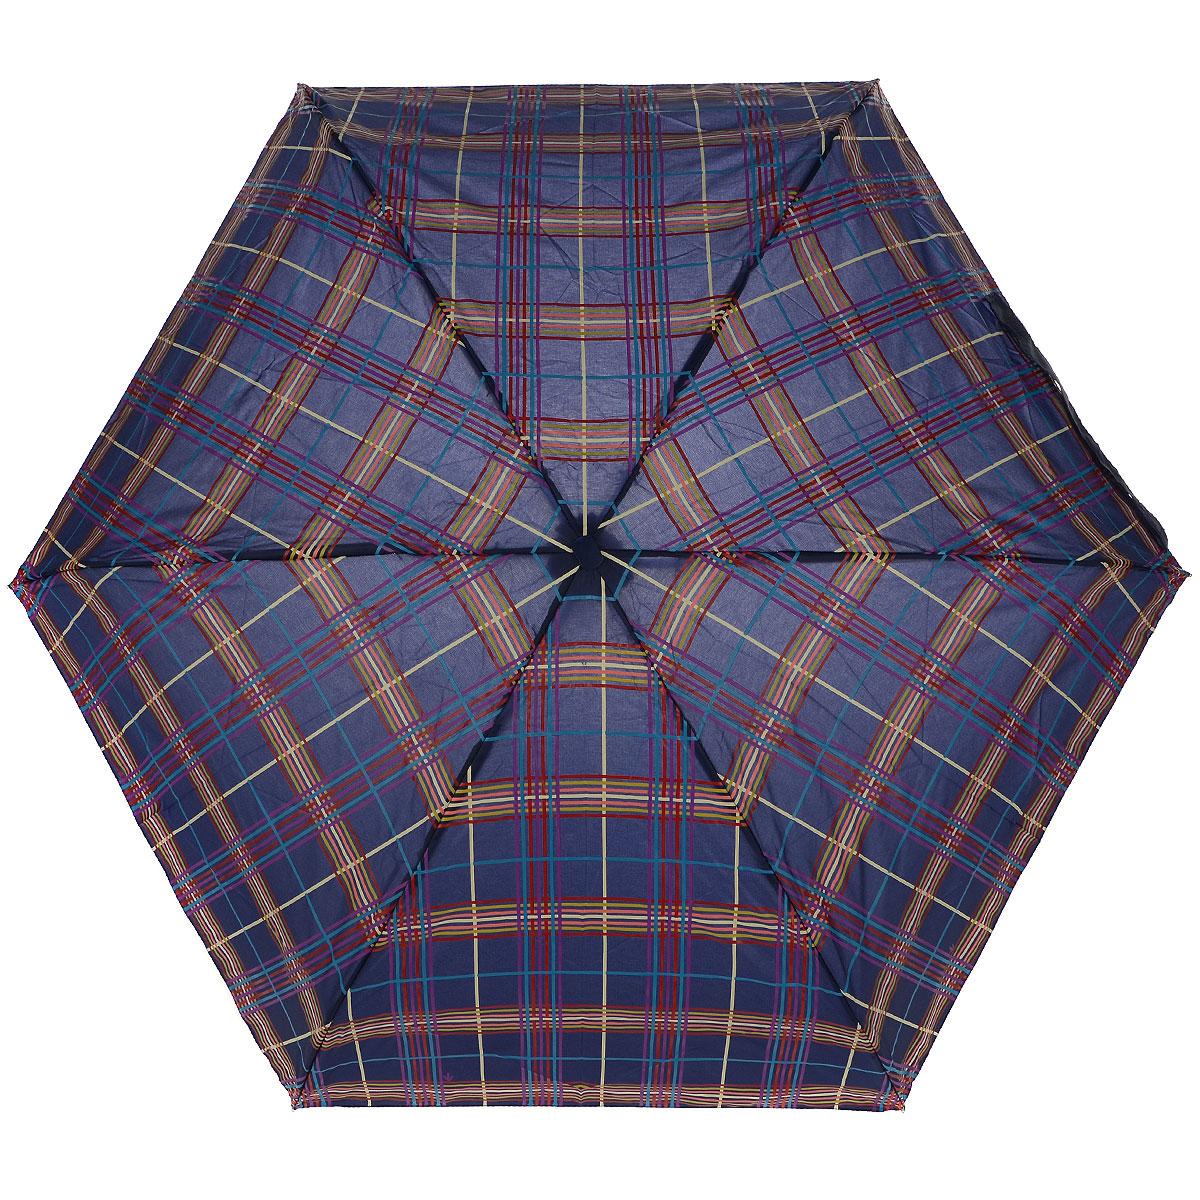 """Зонт женский Fulton Check, механический, 5 сложений, цвет: синийL501 3F2618Стильный сверхкомпактный зонт """"Check"""" защитит от непогоды, а его компактный размер позволит вам всегда носить его с собой. """"Ветростойкий"""" плоский алюминиевый каркас в 5 сложений состоит из шести спиц с элементами из фибергласса, зонт оснащен удобной рукояткой из пластика. Купол зонта выполнен из прочного полиэстера синего цвета и оформлен принтом в клетку. На рукоятке для удобства есть небольшой шнурок, позволяющий надеть зонт на руку тогда, когда это будет необходимо. К зонту прилагается чехол. Зонт механического сложения: купол открывается и закрывается вручную, стержень также складывается вручную до характерного щелчка."""